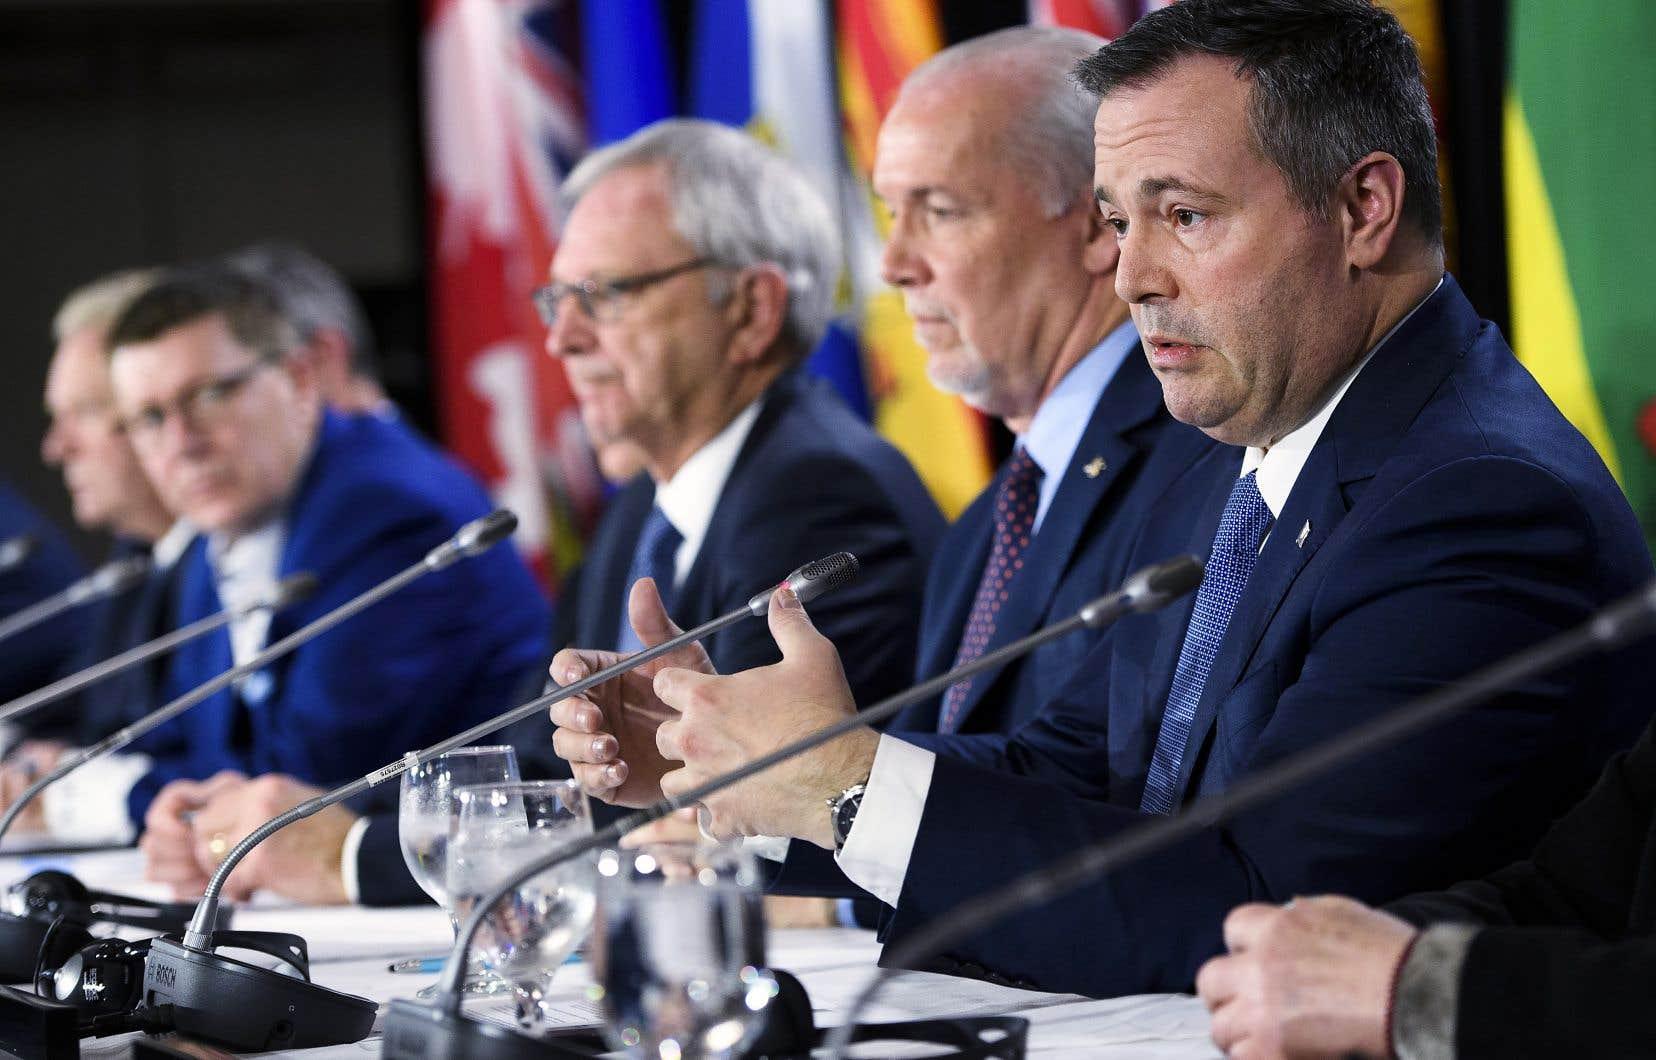 Les premiers ministres provinciaux et territoriaux se sont réunis en Conseil de la fédération, lundi, à Toronto.